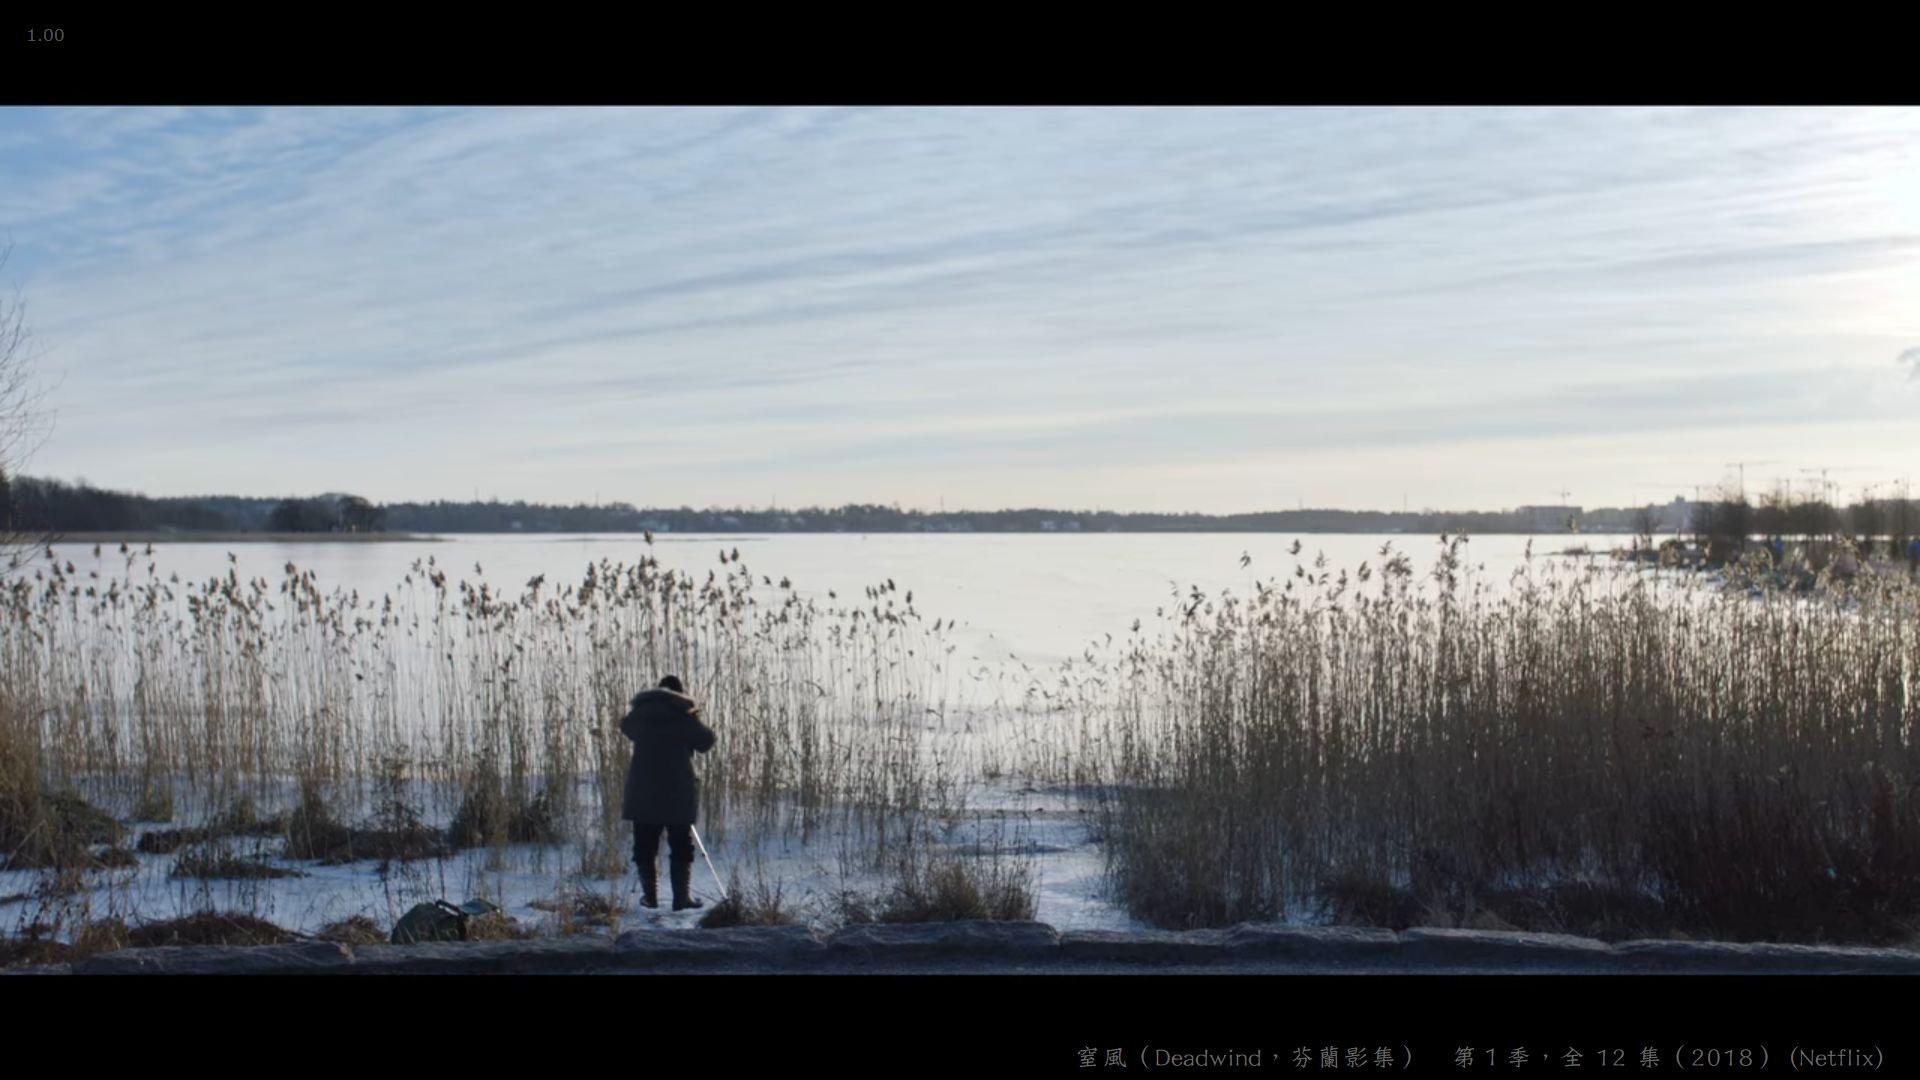 窒風(Deadwind,芬蘭影集)第1季E1-4 -068.jpg